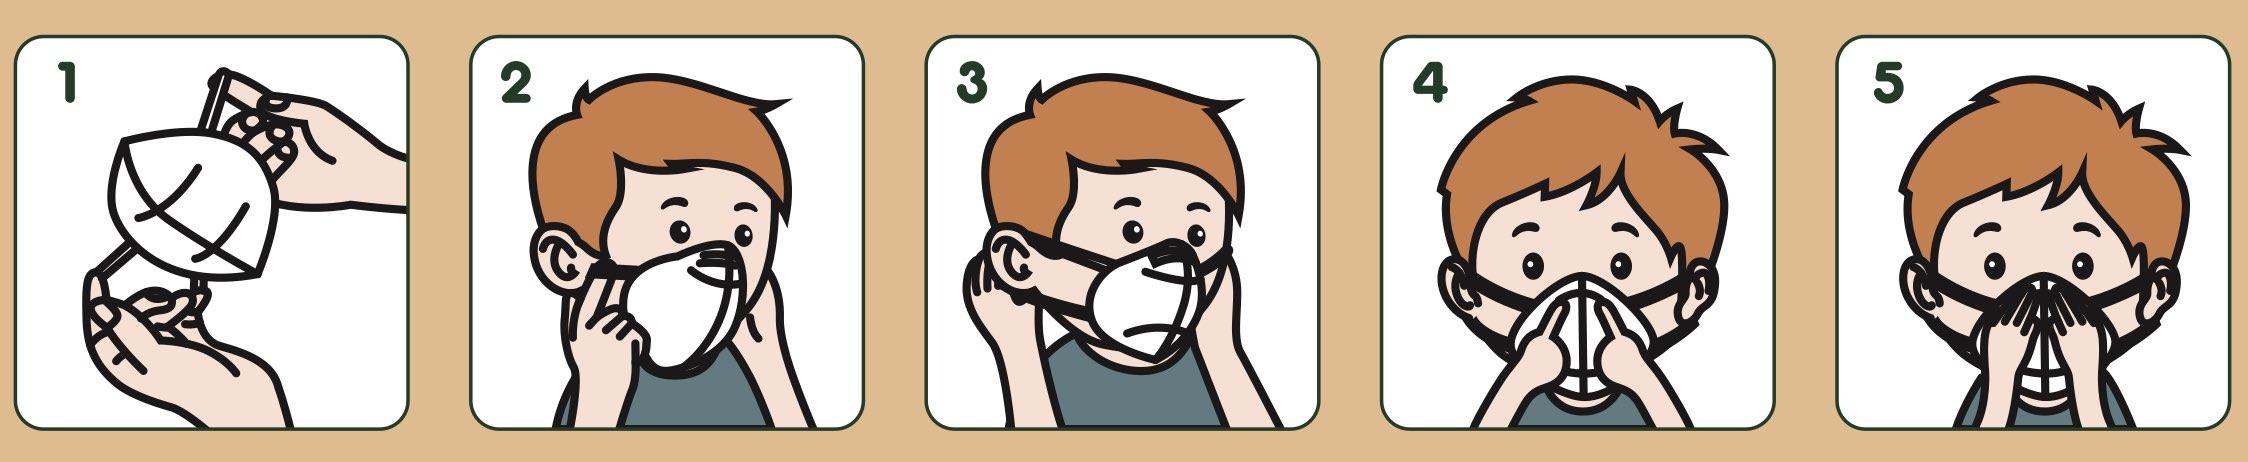 Instruções para vestir uma máscara FFP2 para crianças